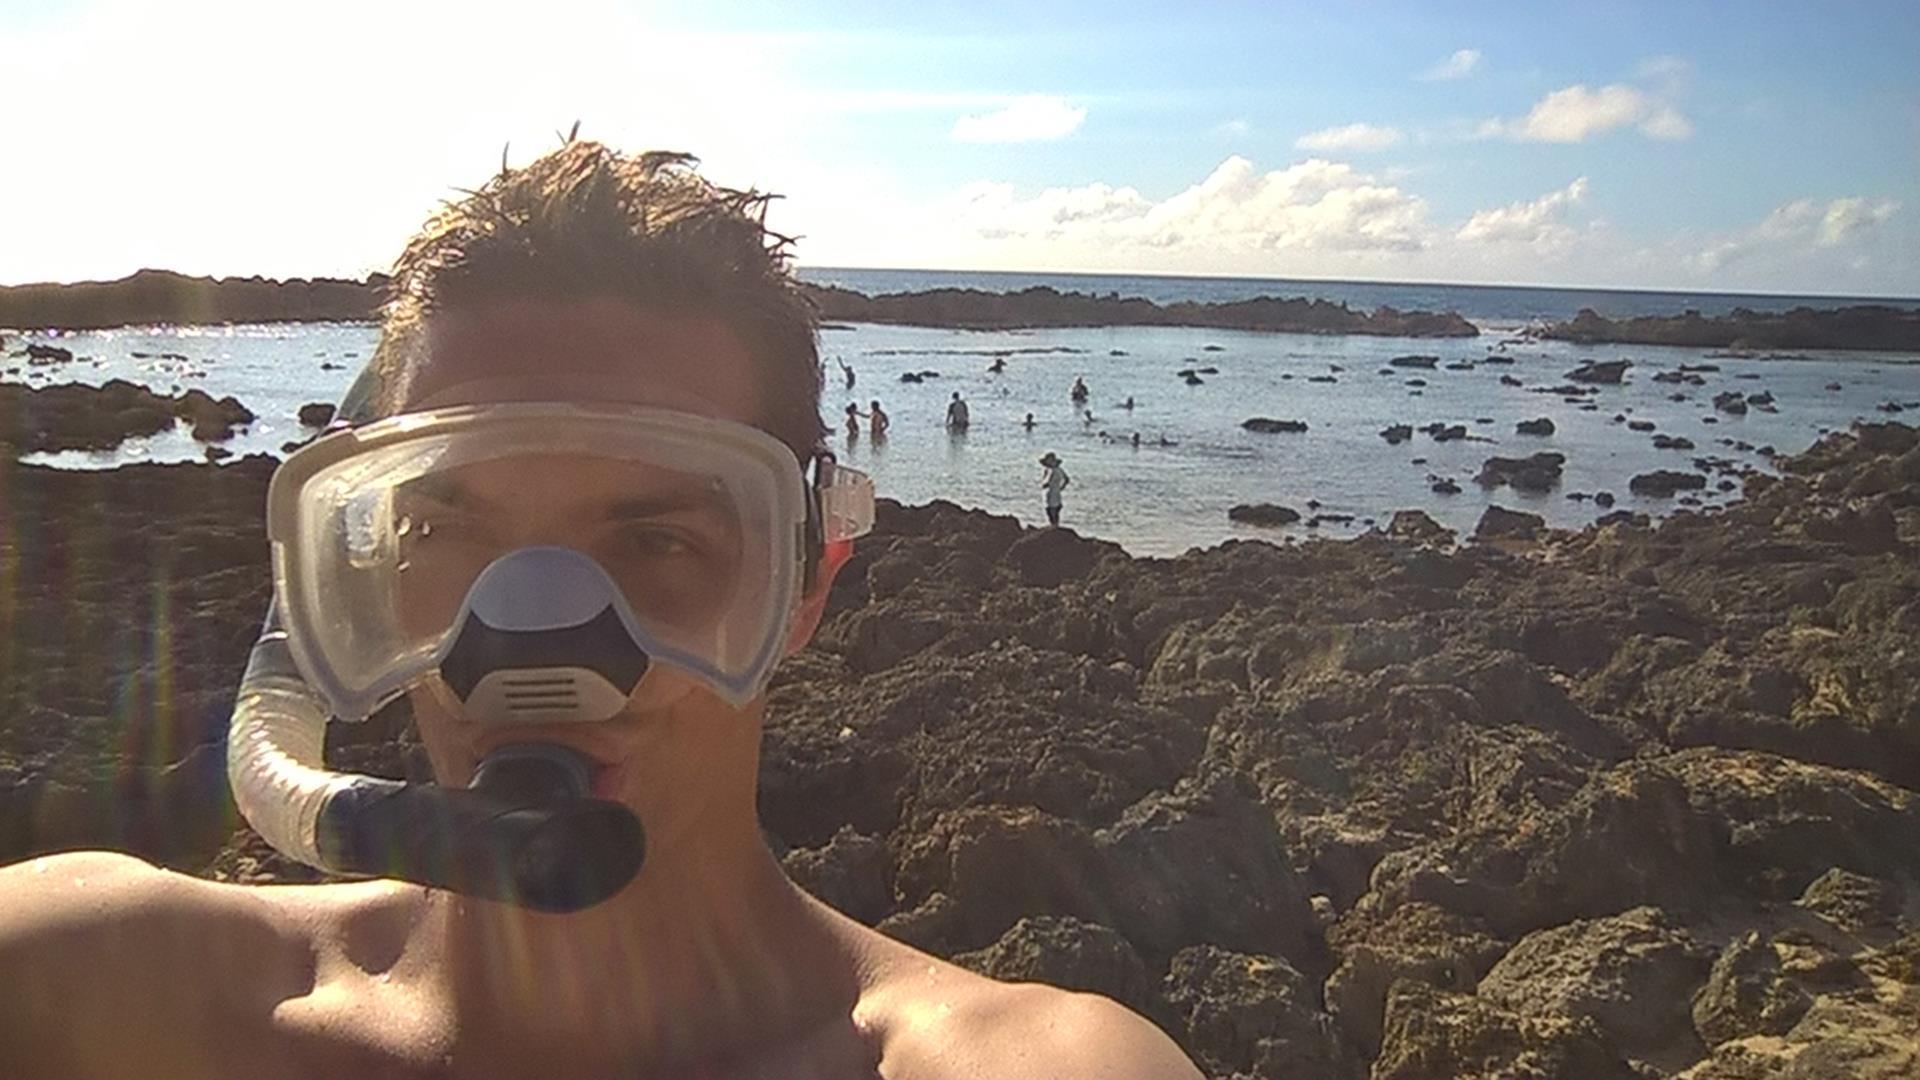 Kein GoPro Foto im Wasser: Dann gibts halt mal ein schickes Bild von mir und Schnorchel an Land